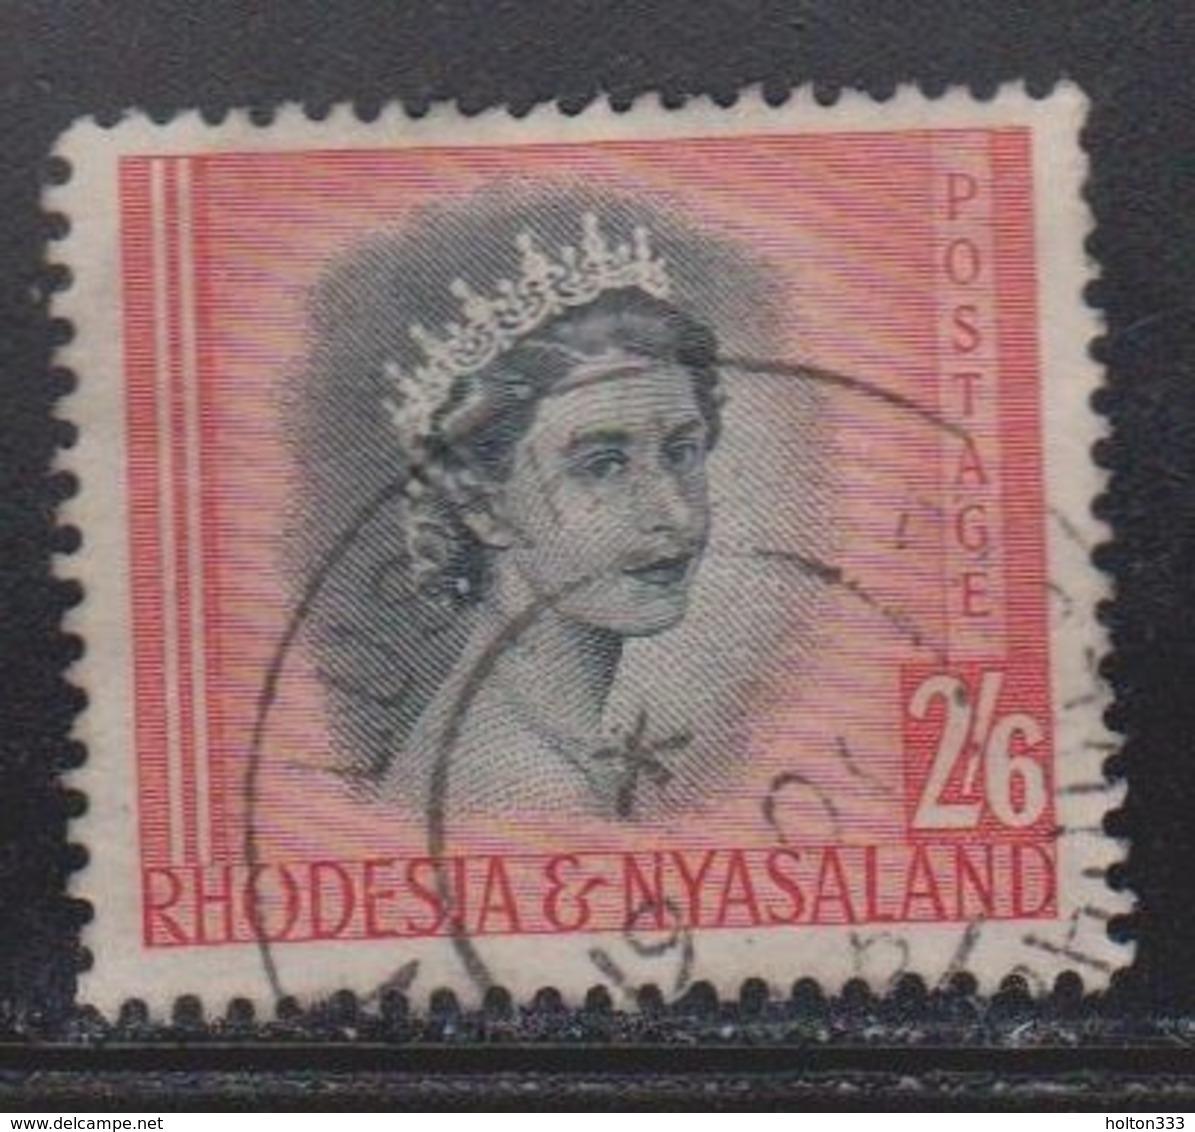 RHODESIA & NYASSALAND Scott # 152 Used - QEII - Rhodesia & Nyasaland (1954-1963)